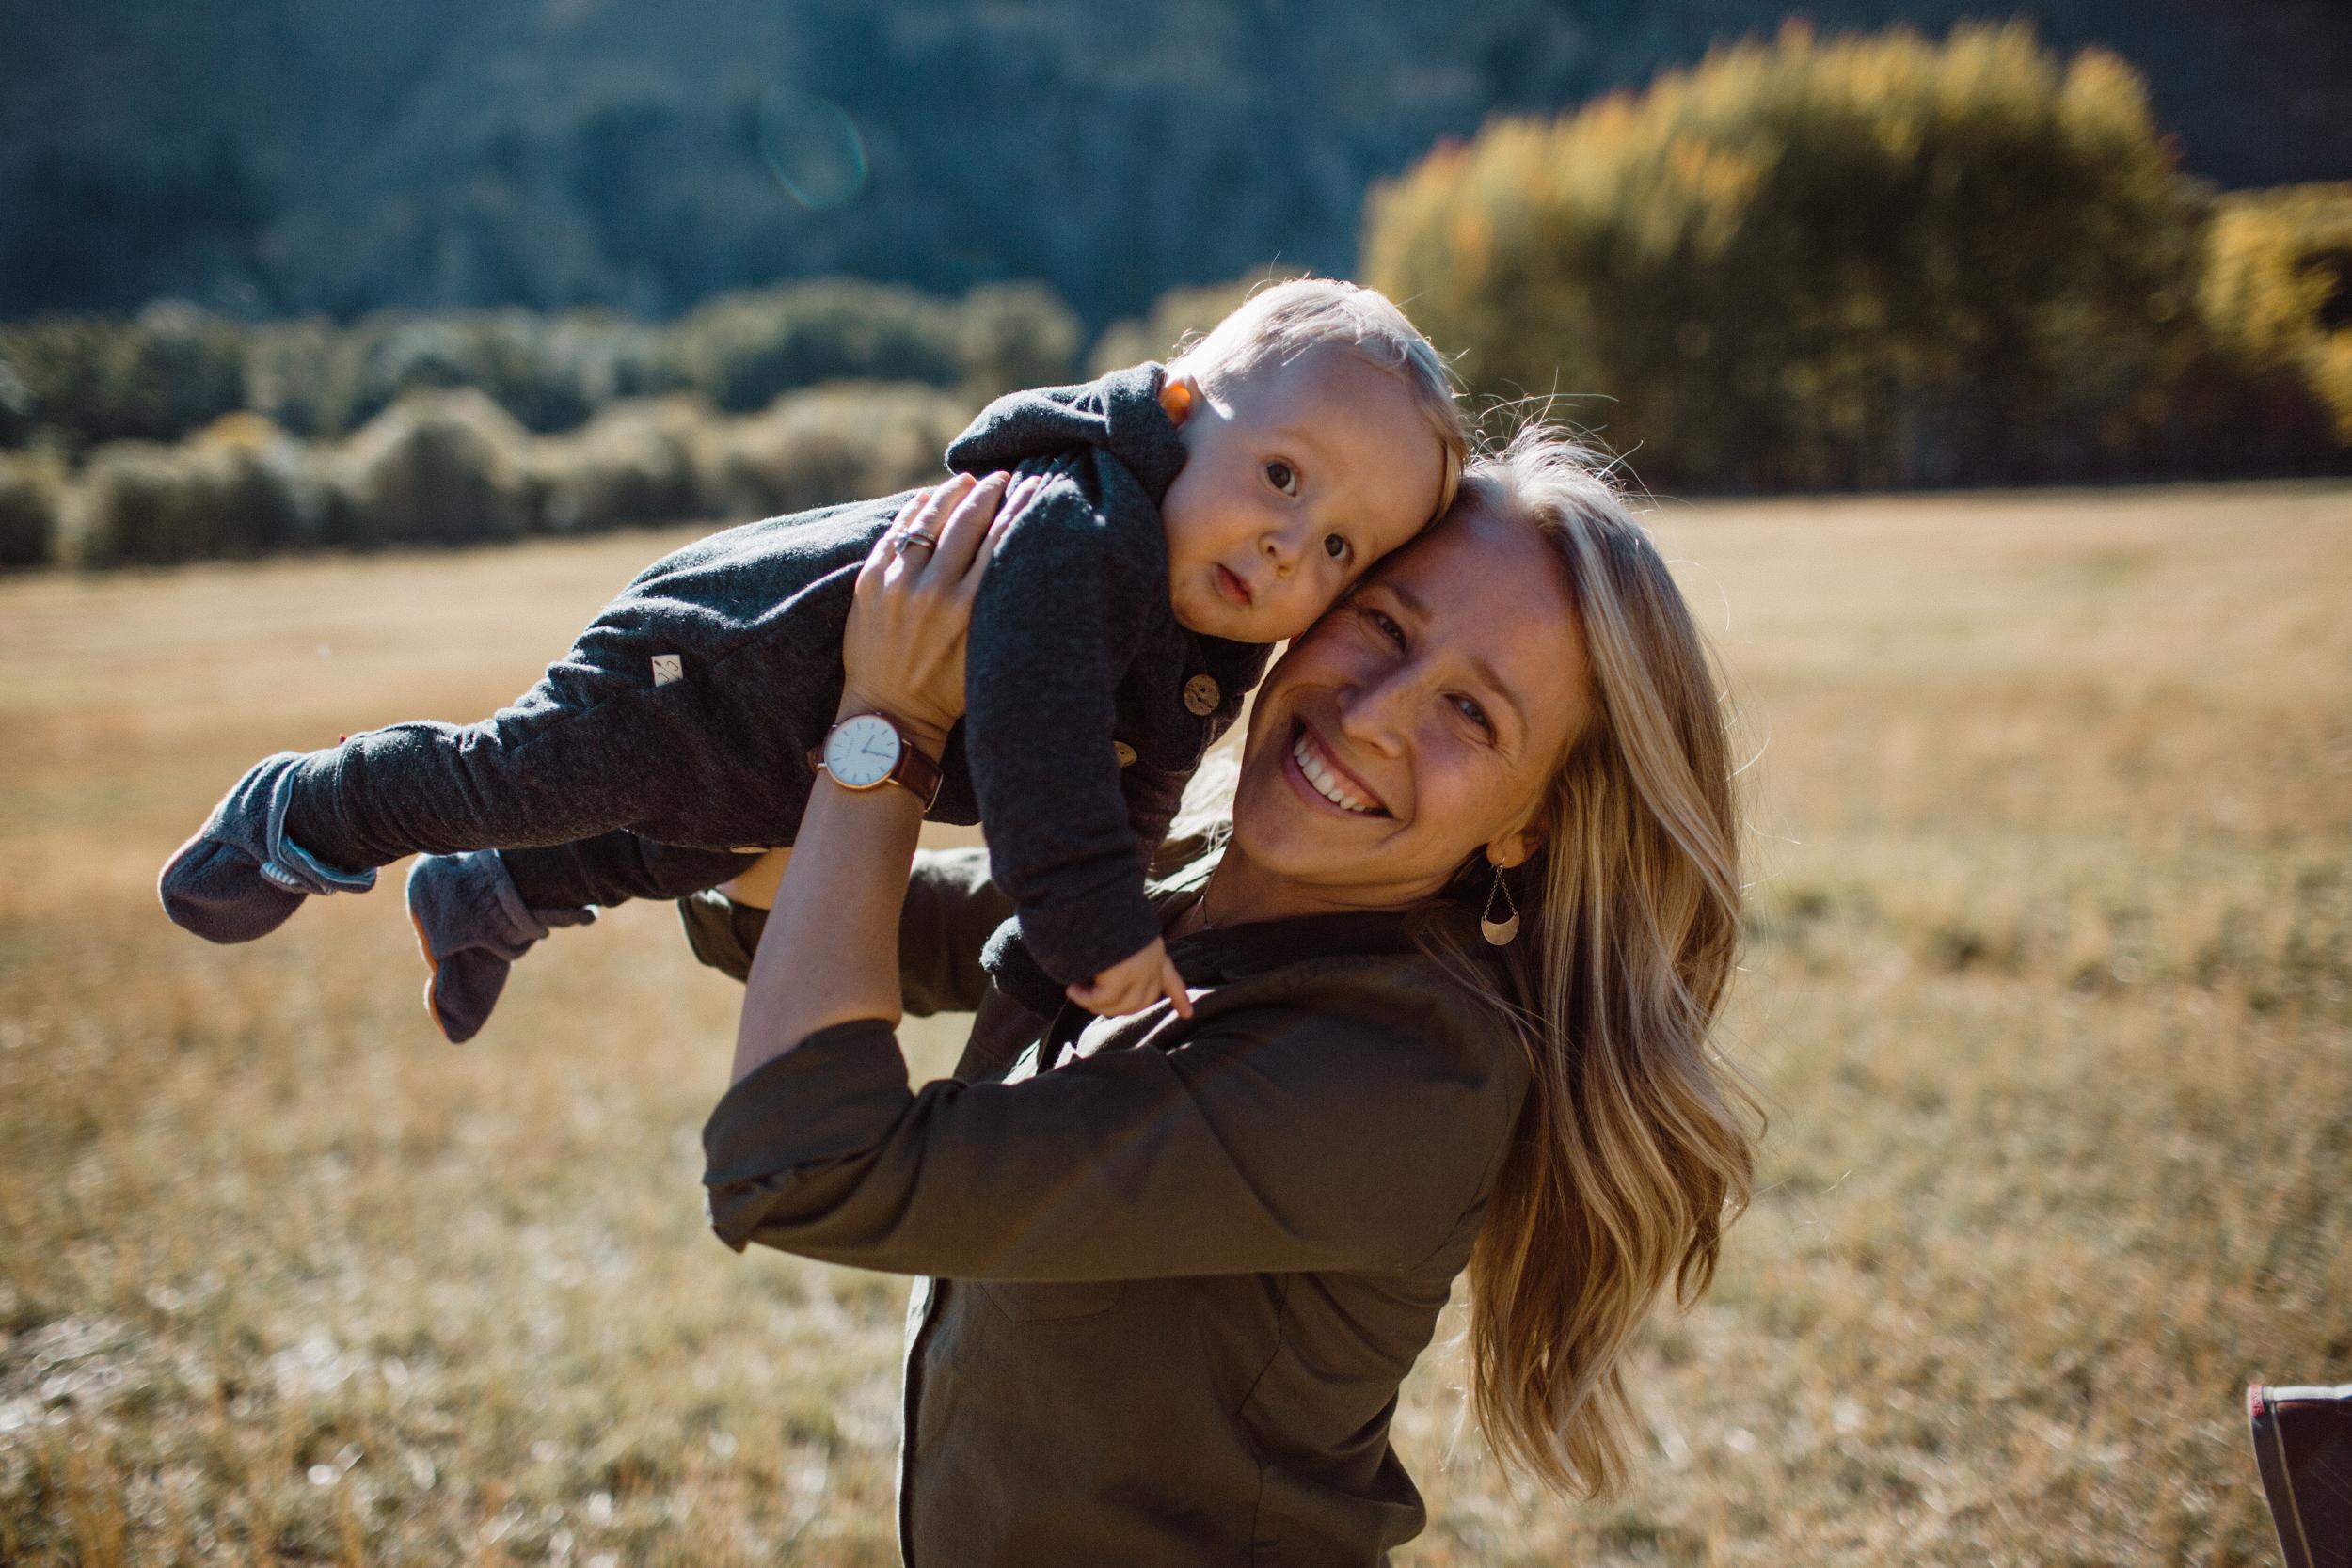 walkerfamily-Sunvalleyfallfamilyphotos-8.jpg